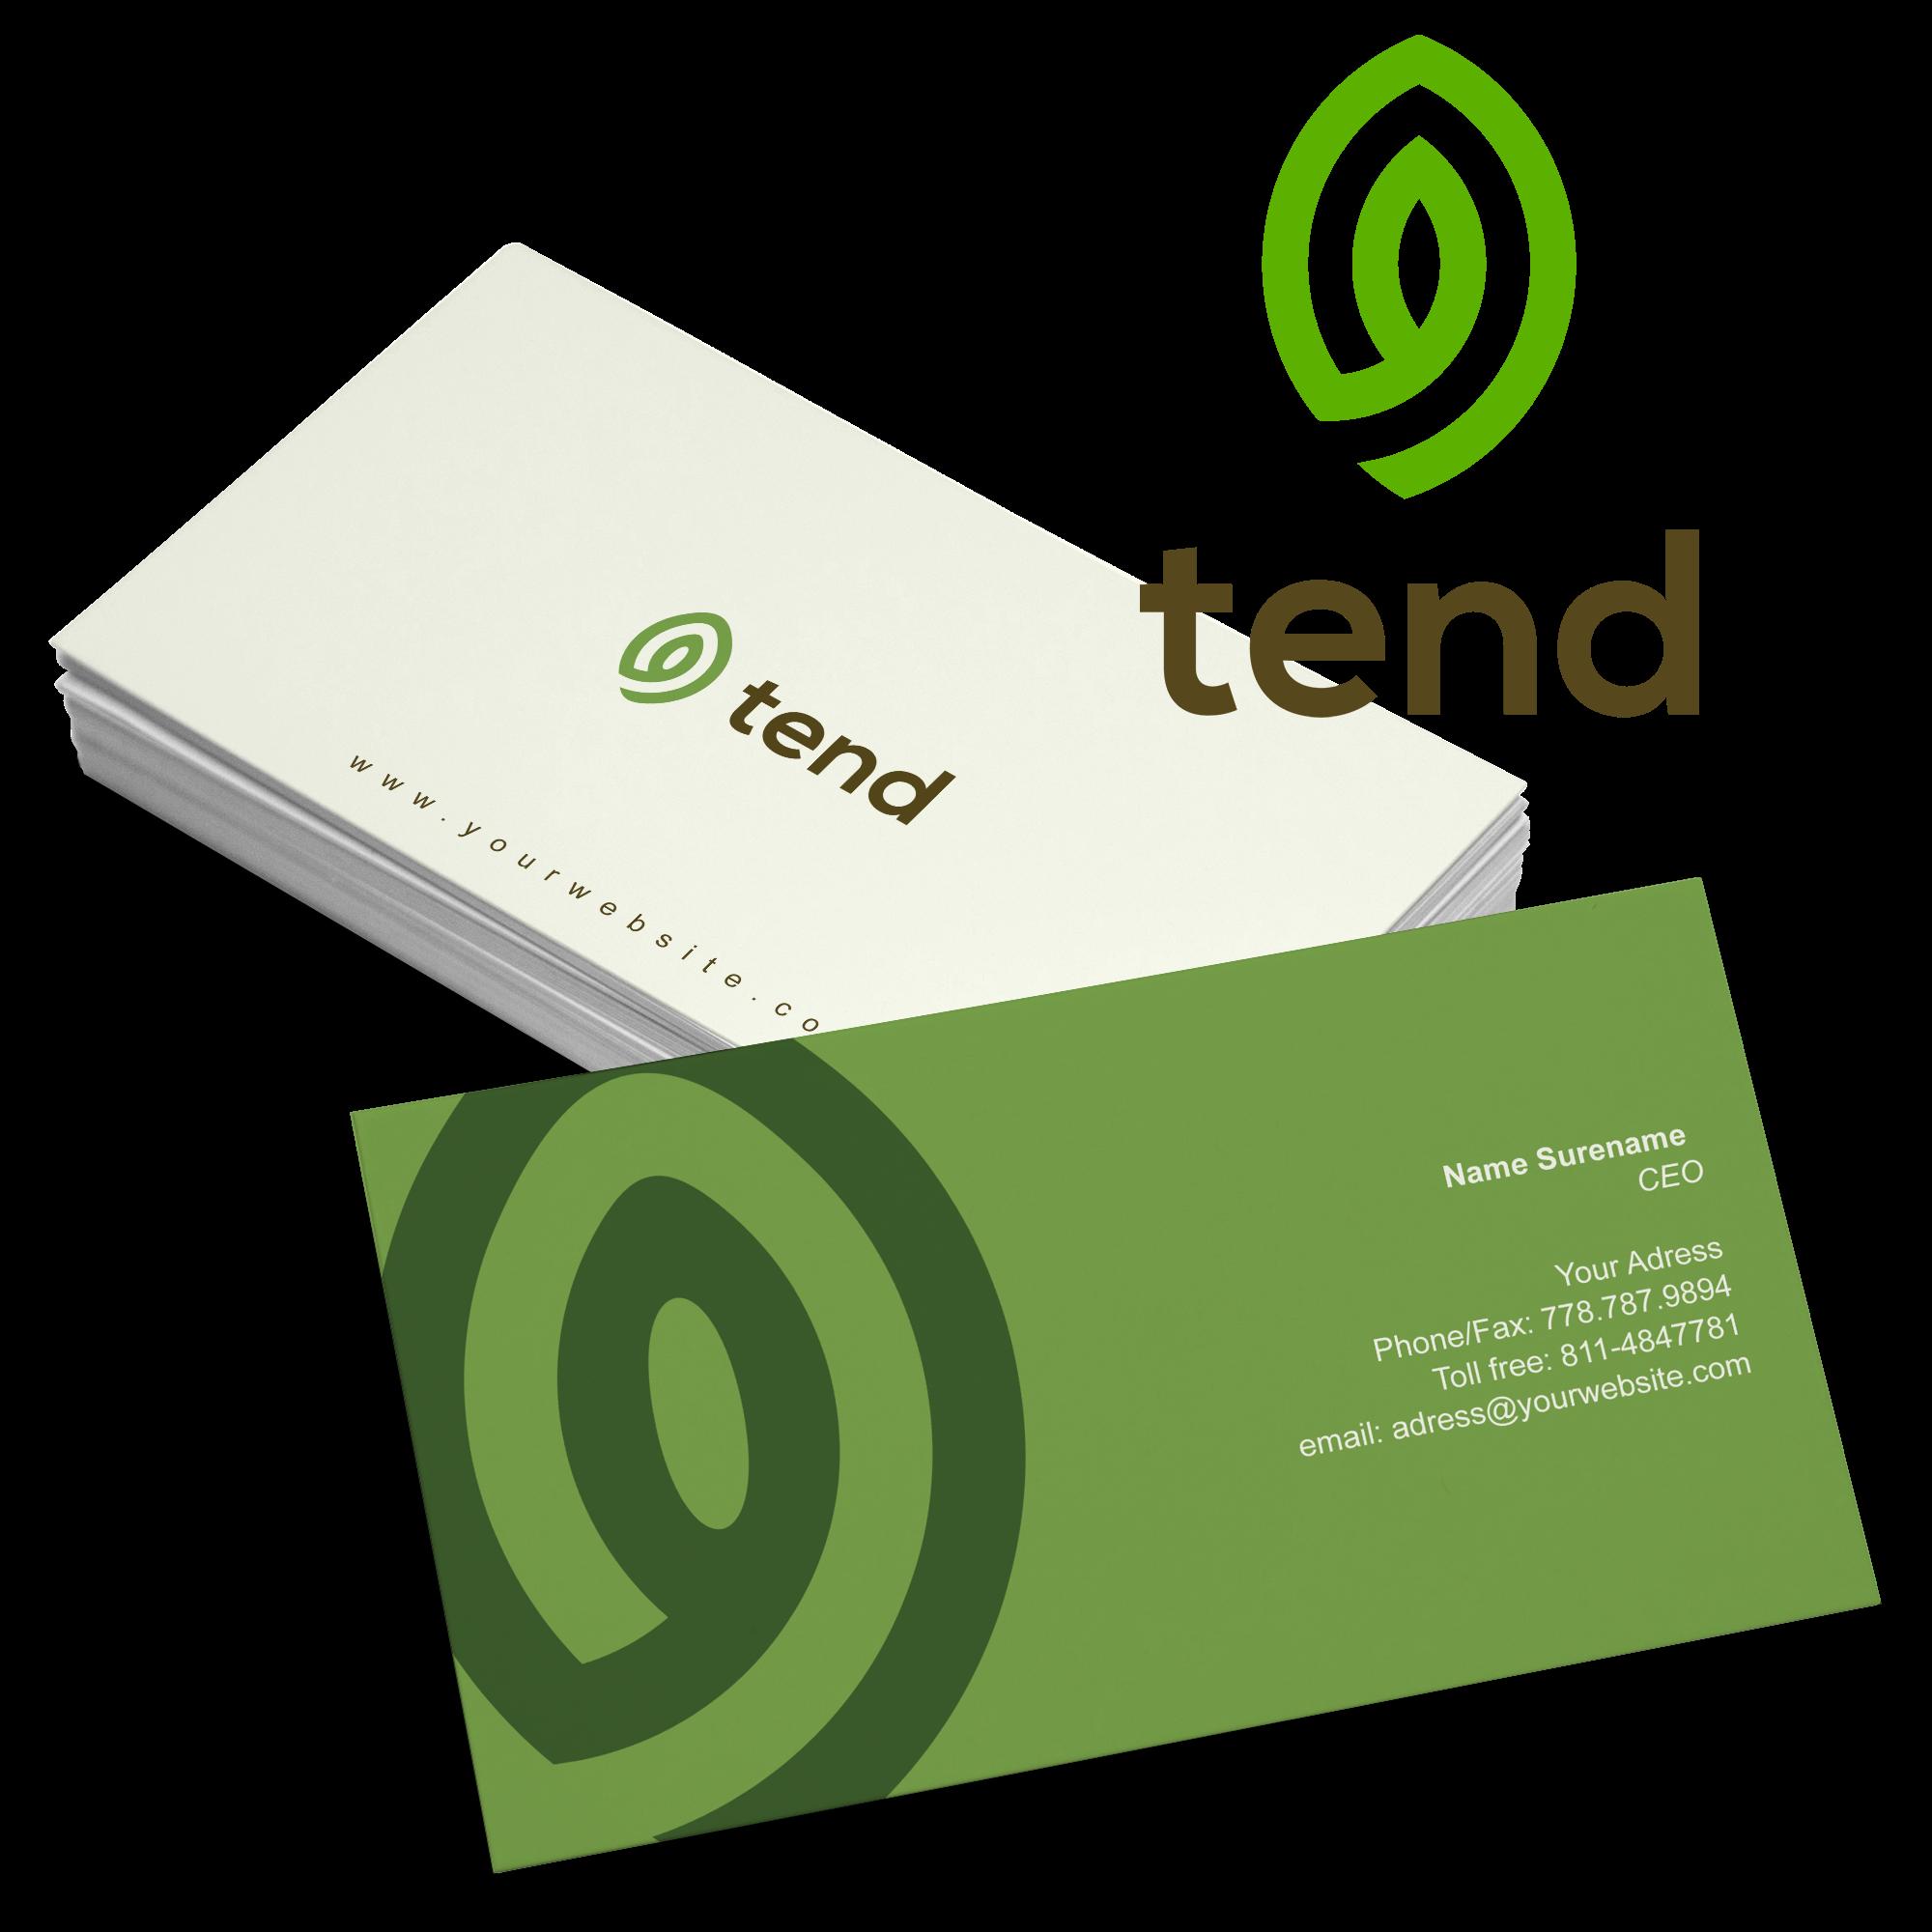 Business card logos get a custom logo for business cards for Company design